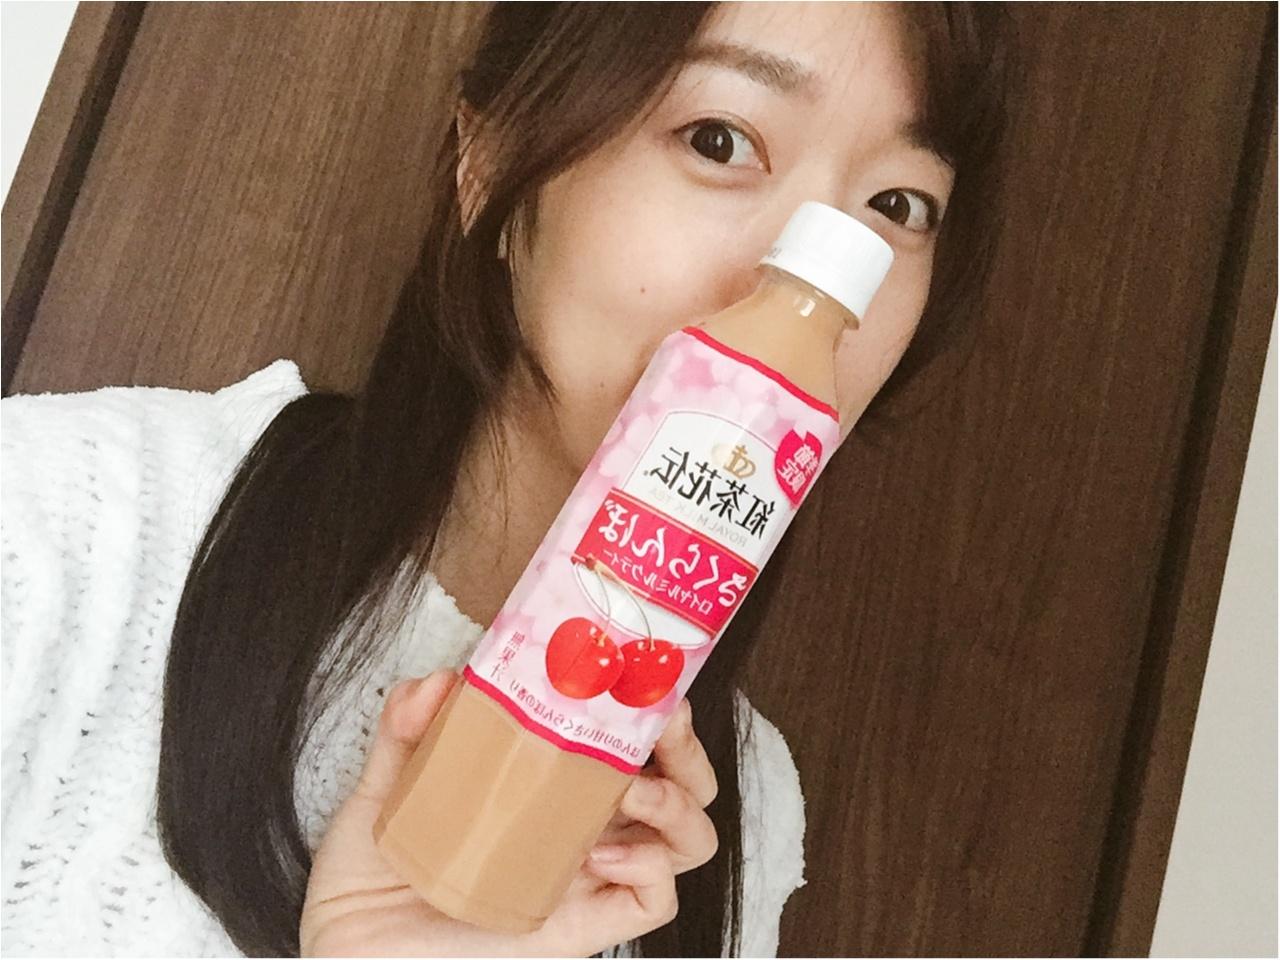 【紅茶花伝】PINKのパッケージが可愛い♡期間限定「さくらんぼ」フレーバー✨_2